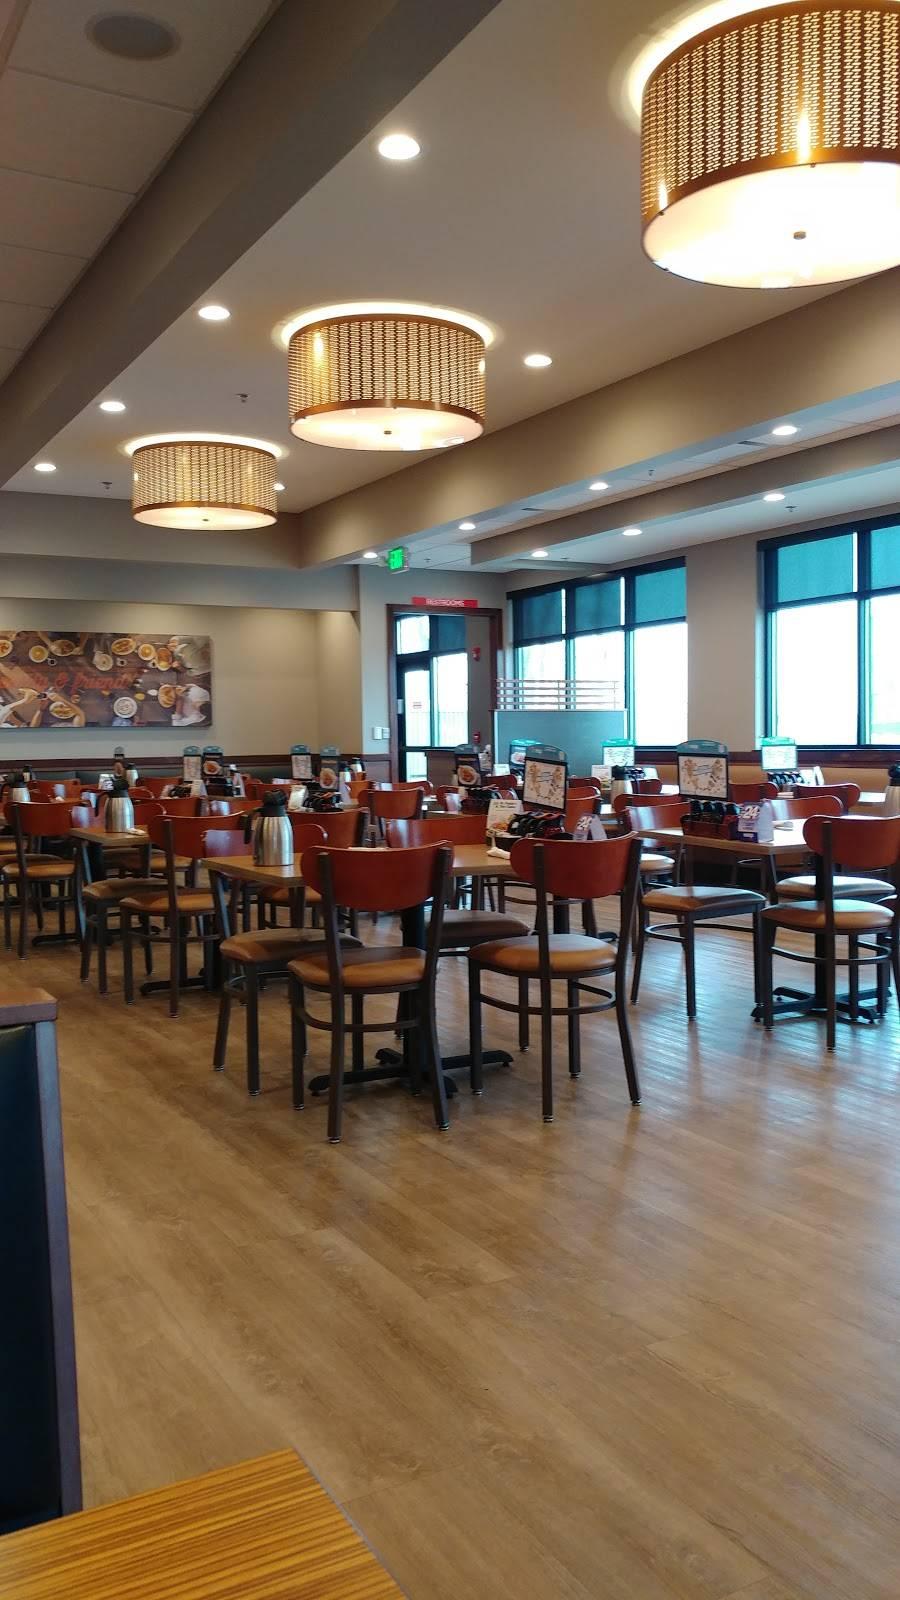 IHOP | restaurant | 1850 US-41, Schererville, IN 46375, USA | 2193226961 OR +1 219-322-6961